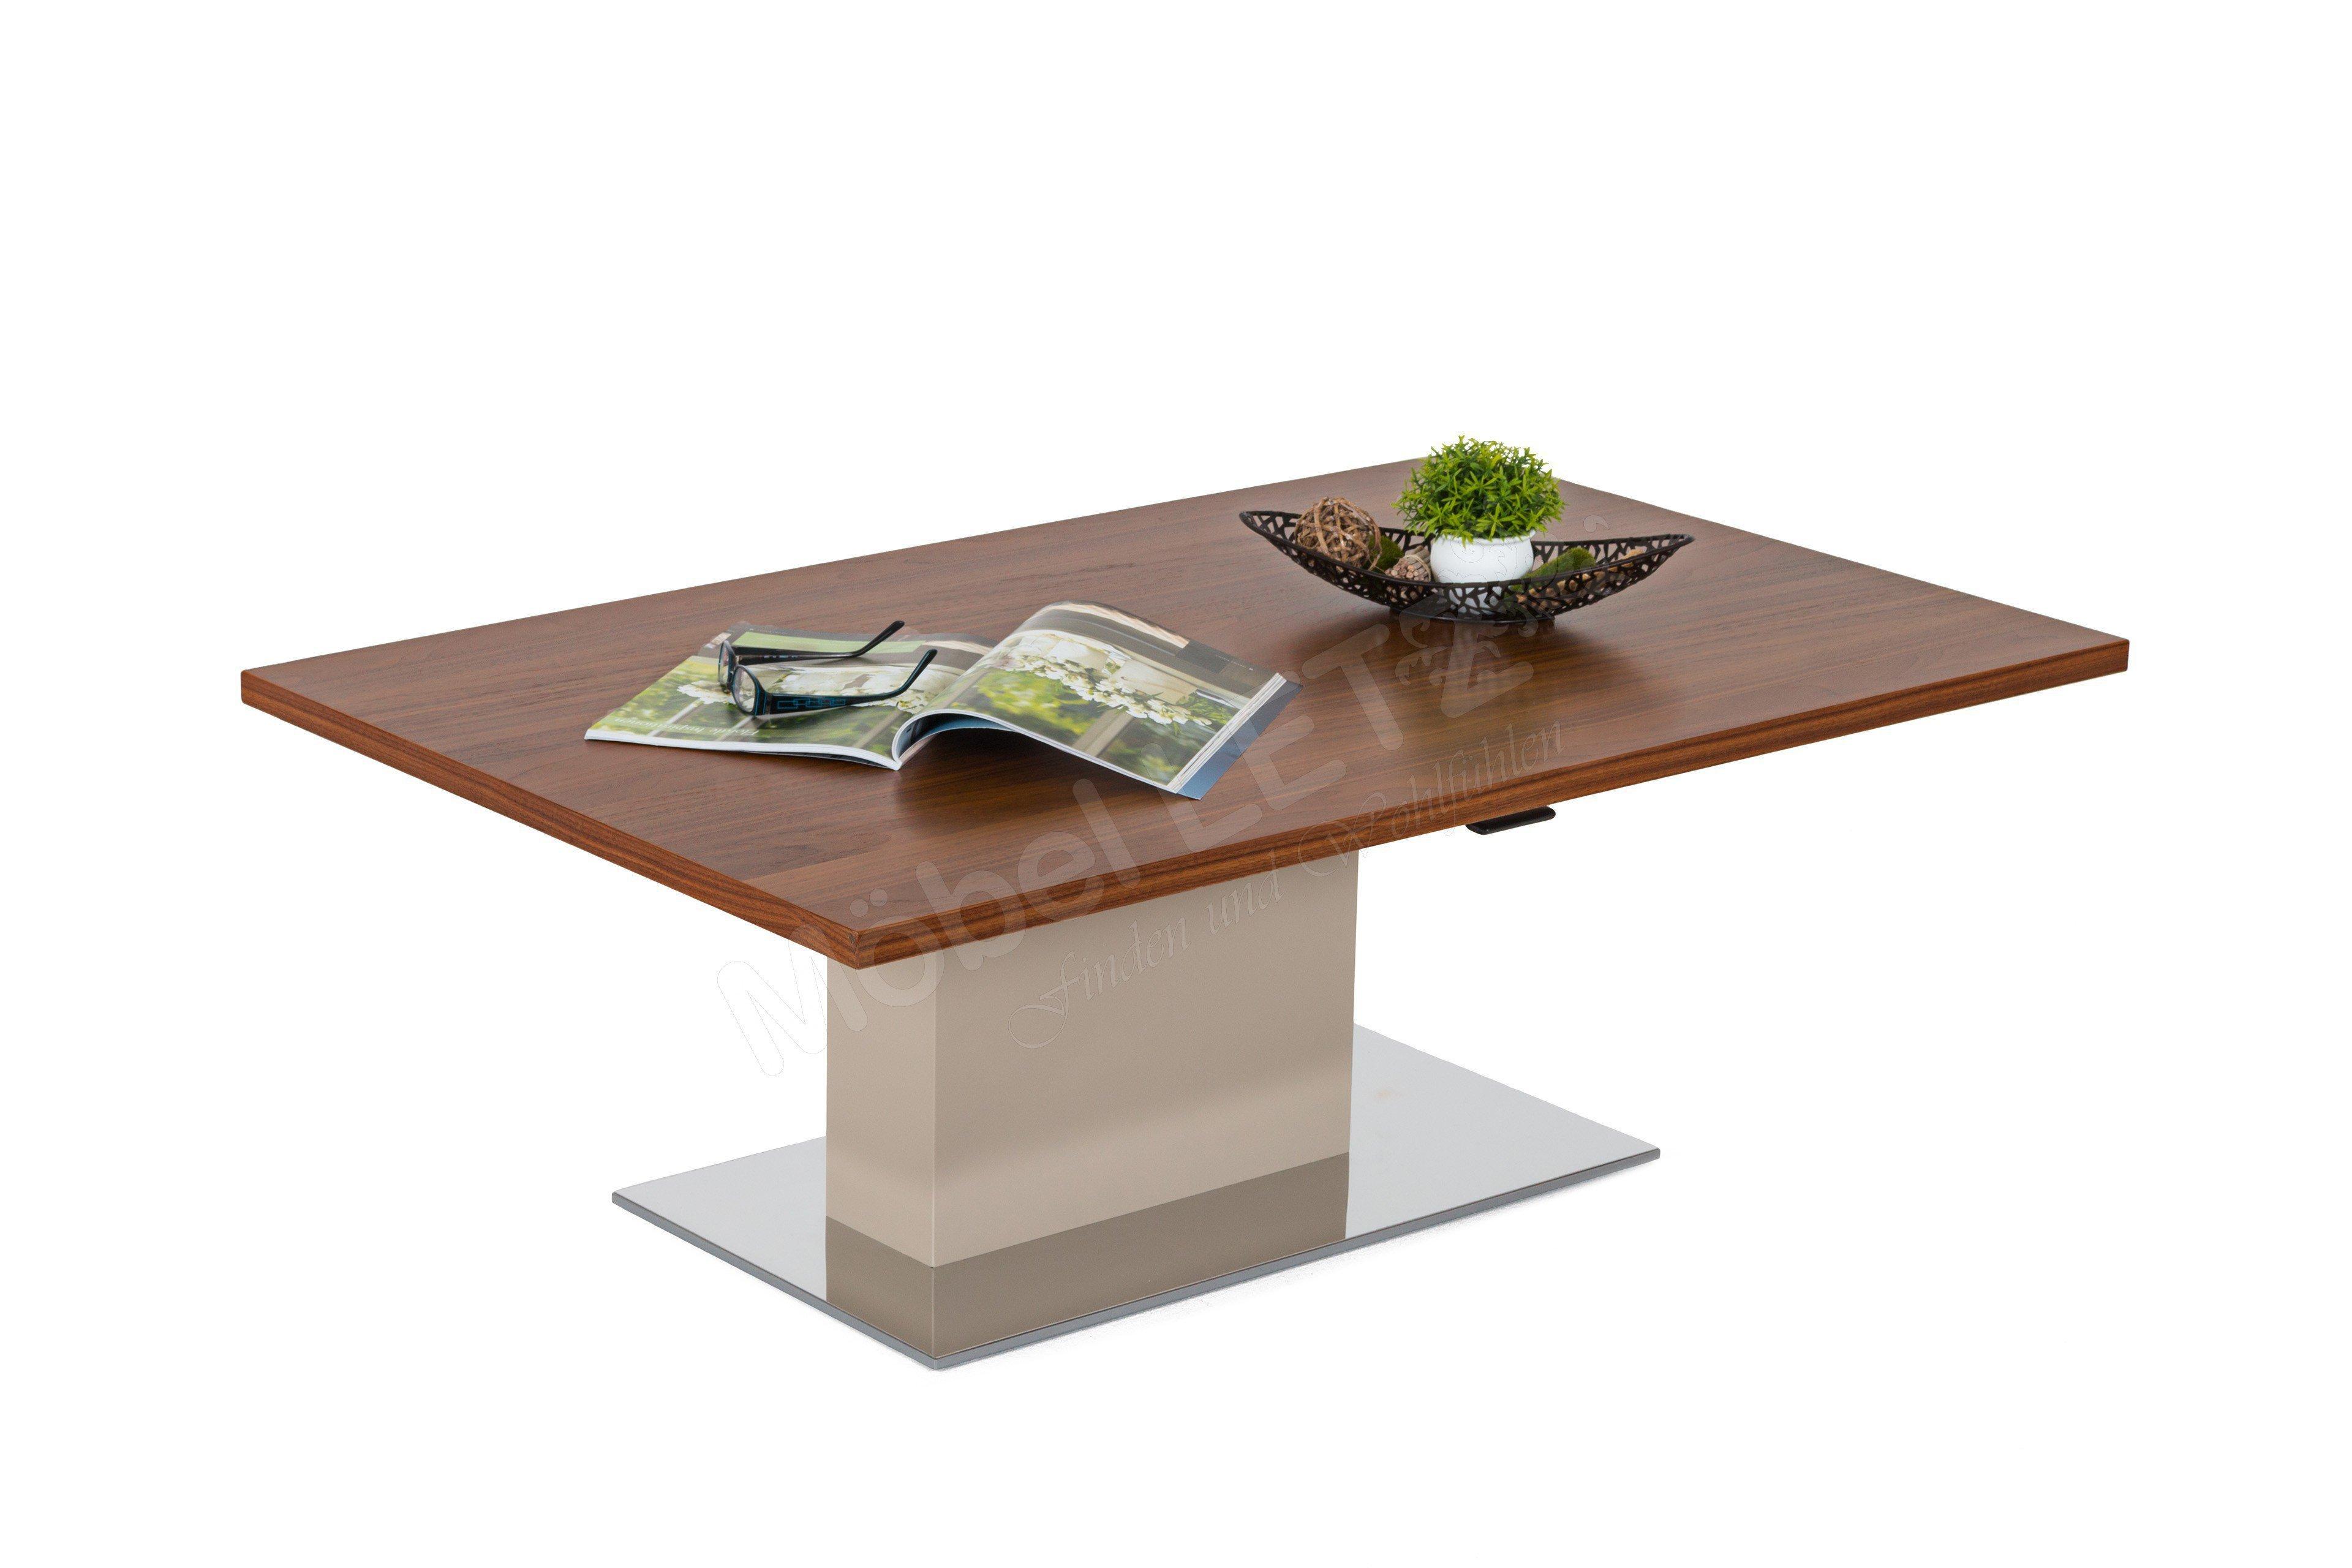 mbel von heine perfect heinrich heine smtliche werke volumes with mbel von heine good cool. Black Bedroom Furniture Sets. Home Design Ideas